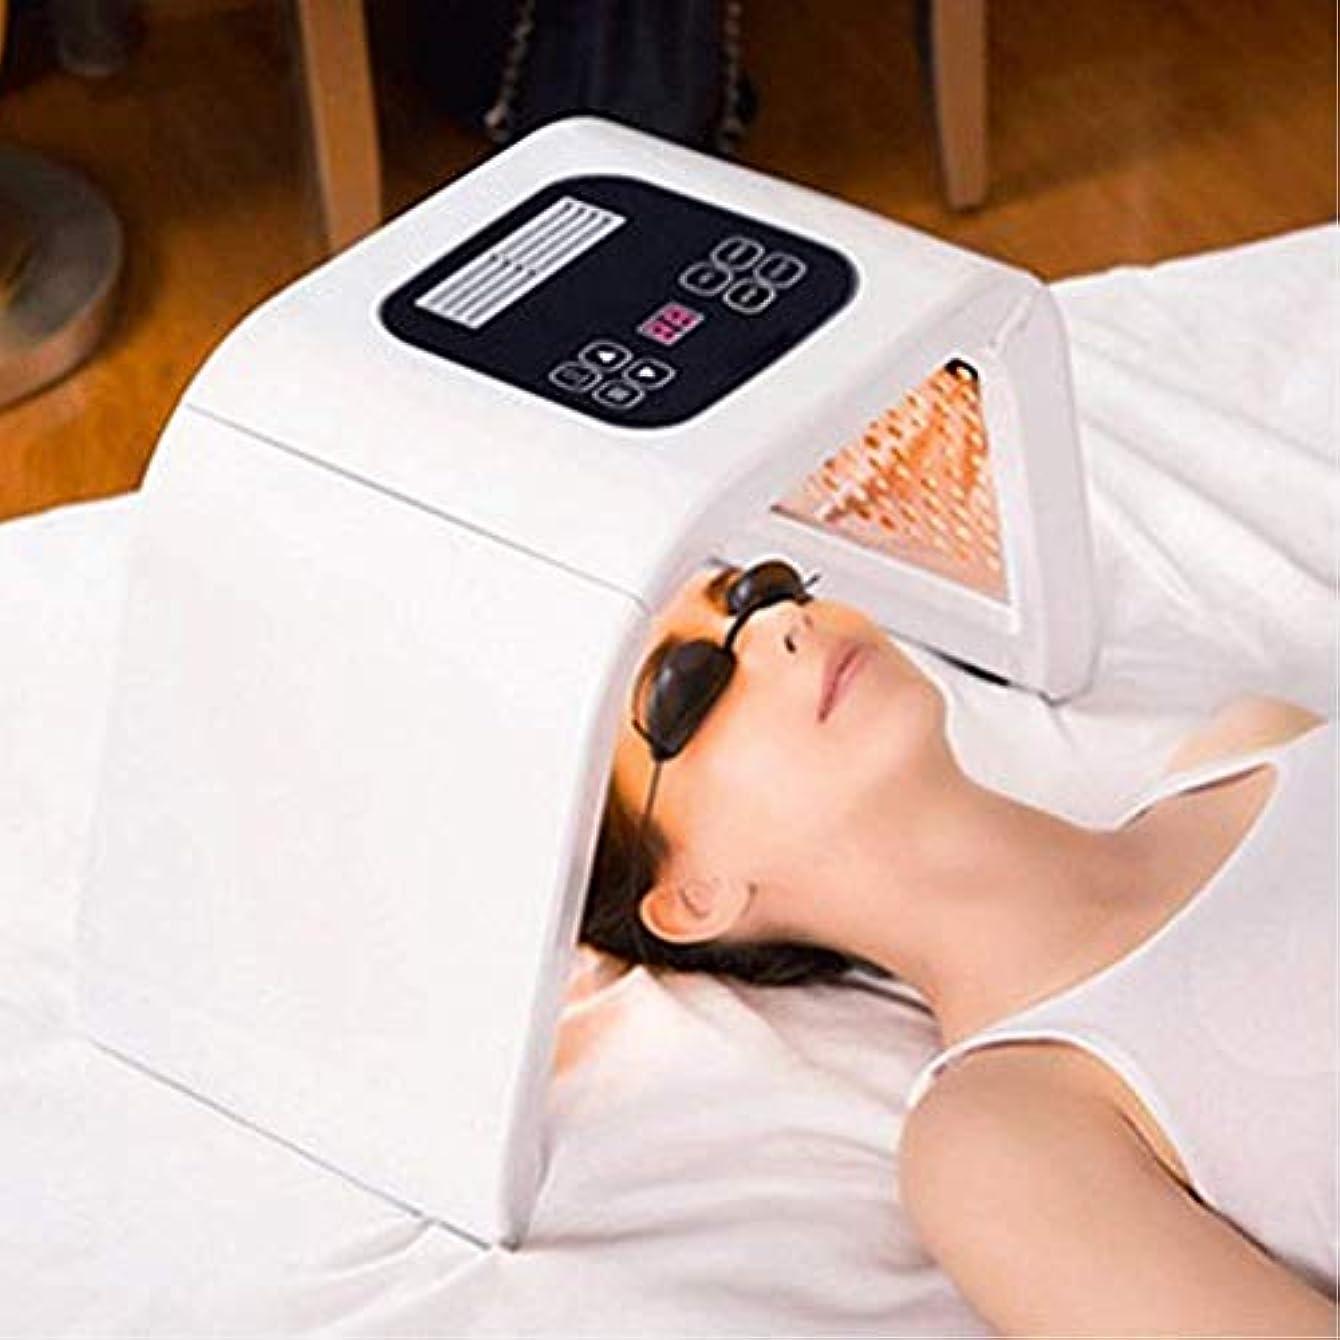 寸前実質的裏切り者若返りLED機器、7色の光美容機を皮膚、PDTマスクセラピーしわ除去アンチエイジングホームサロン使用スキンケアツールの肌の若返りフェイシャルケア美容機を、